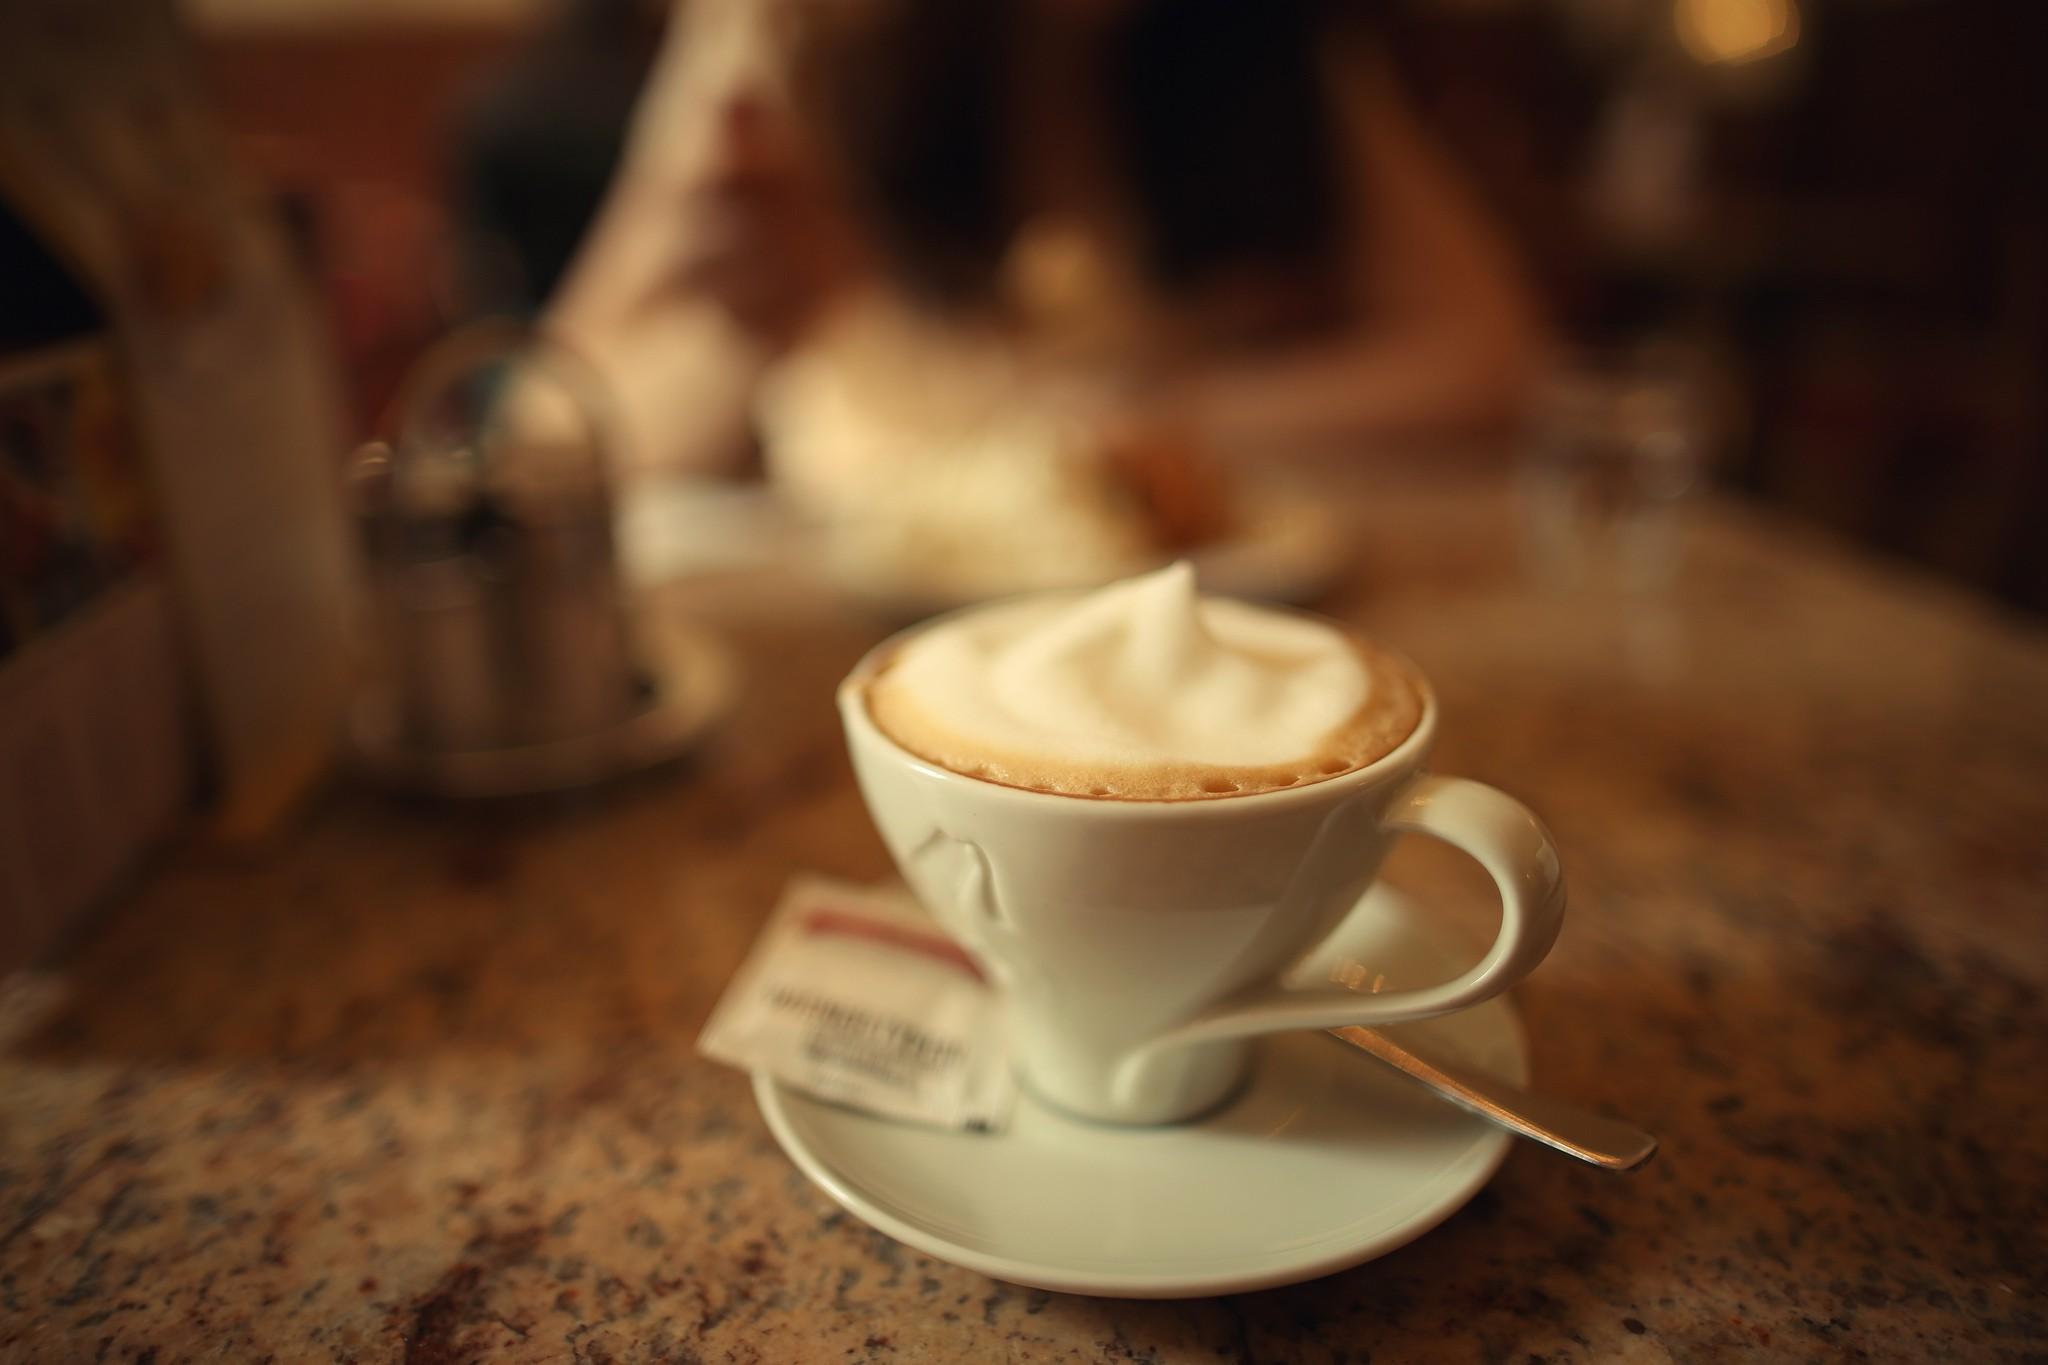 القهوة بالفانيليا